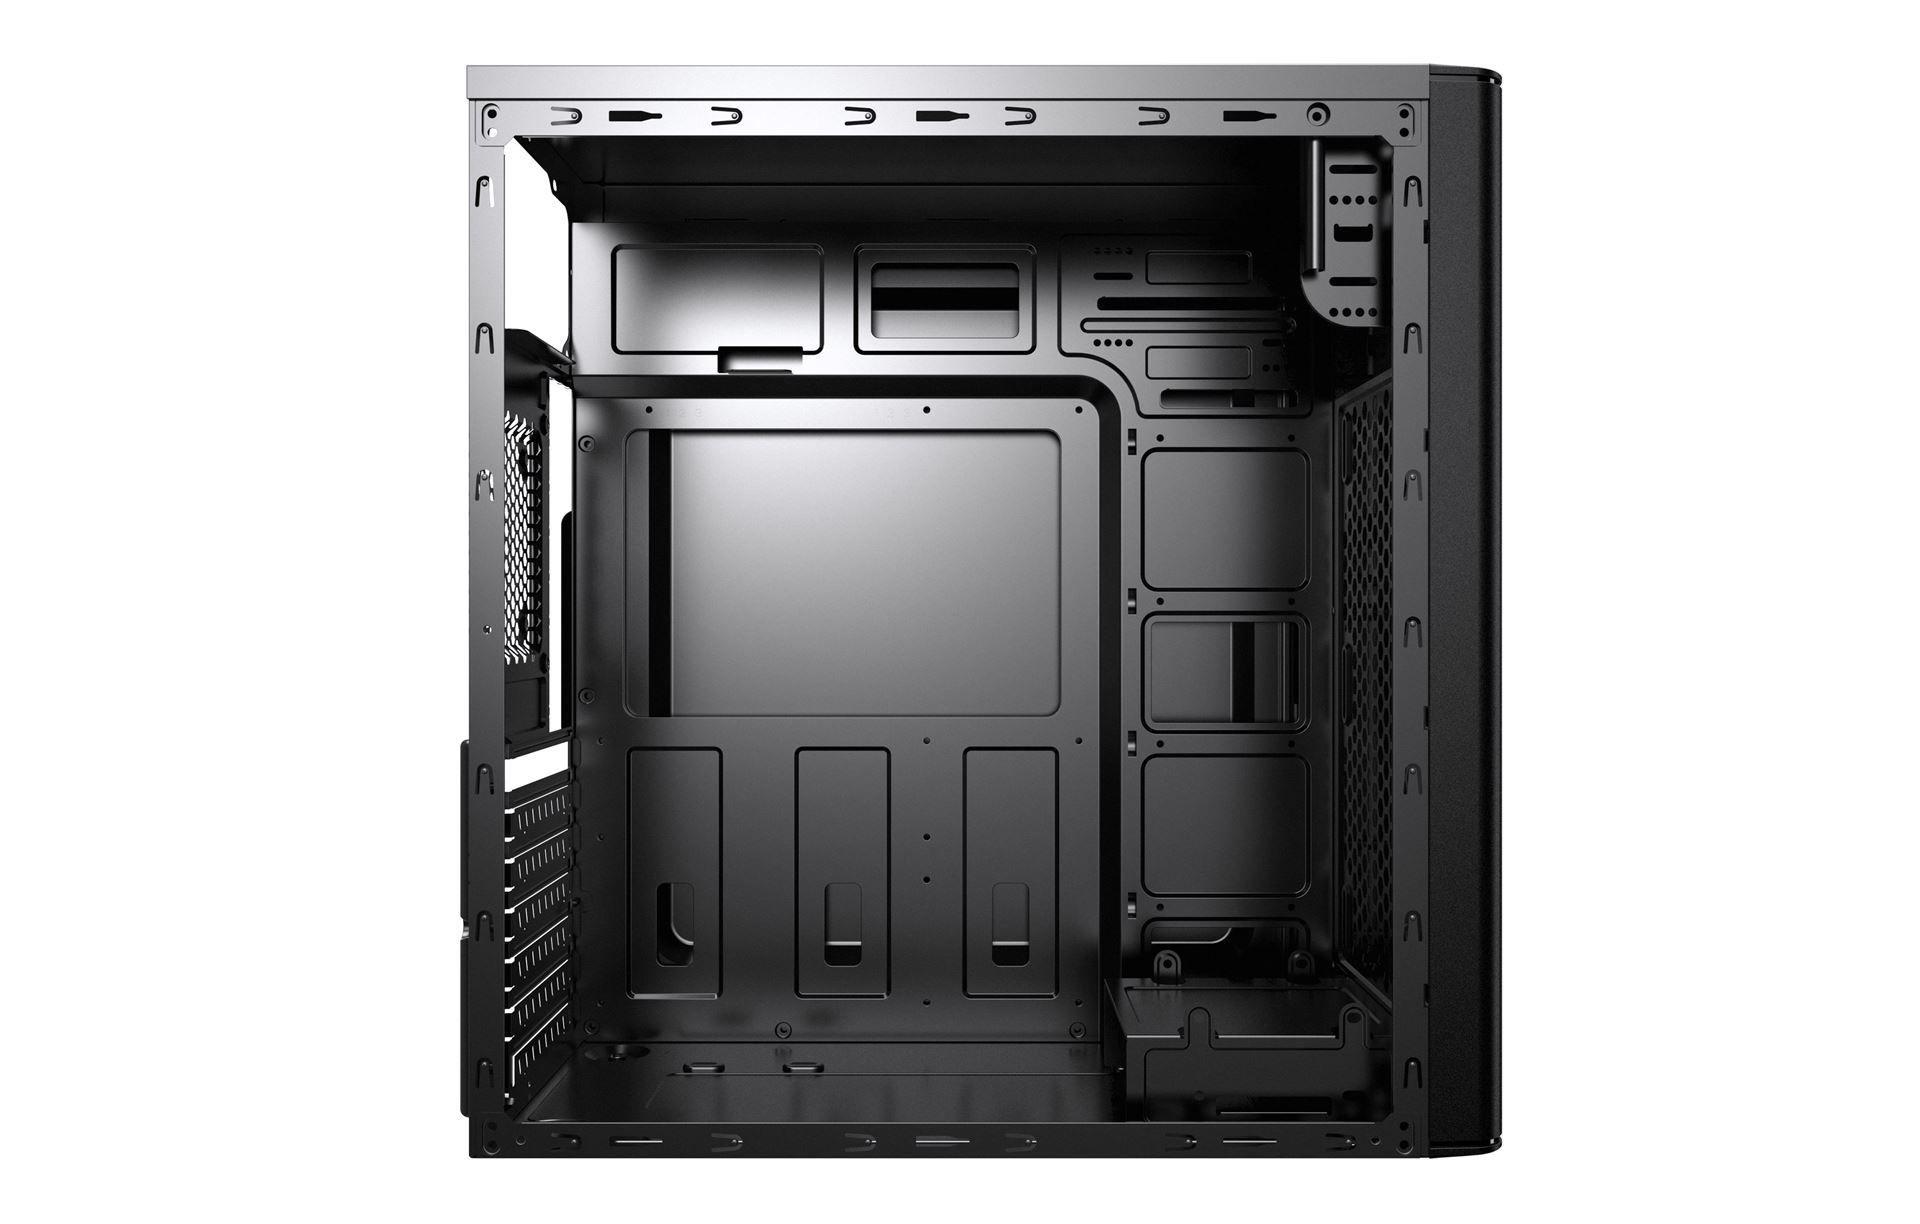 Gabinete Brazil PC Atx 3602 C/USB 2.0 + Audio - S/Fonte (Preto)